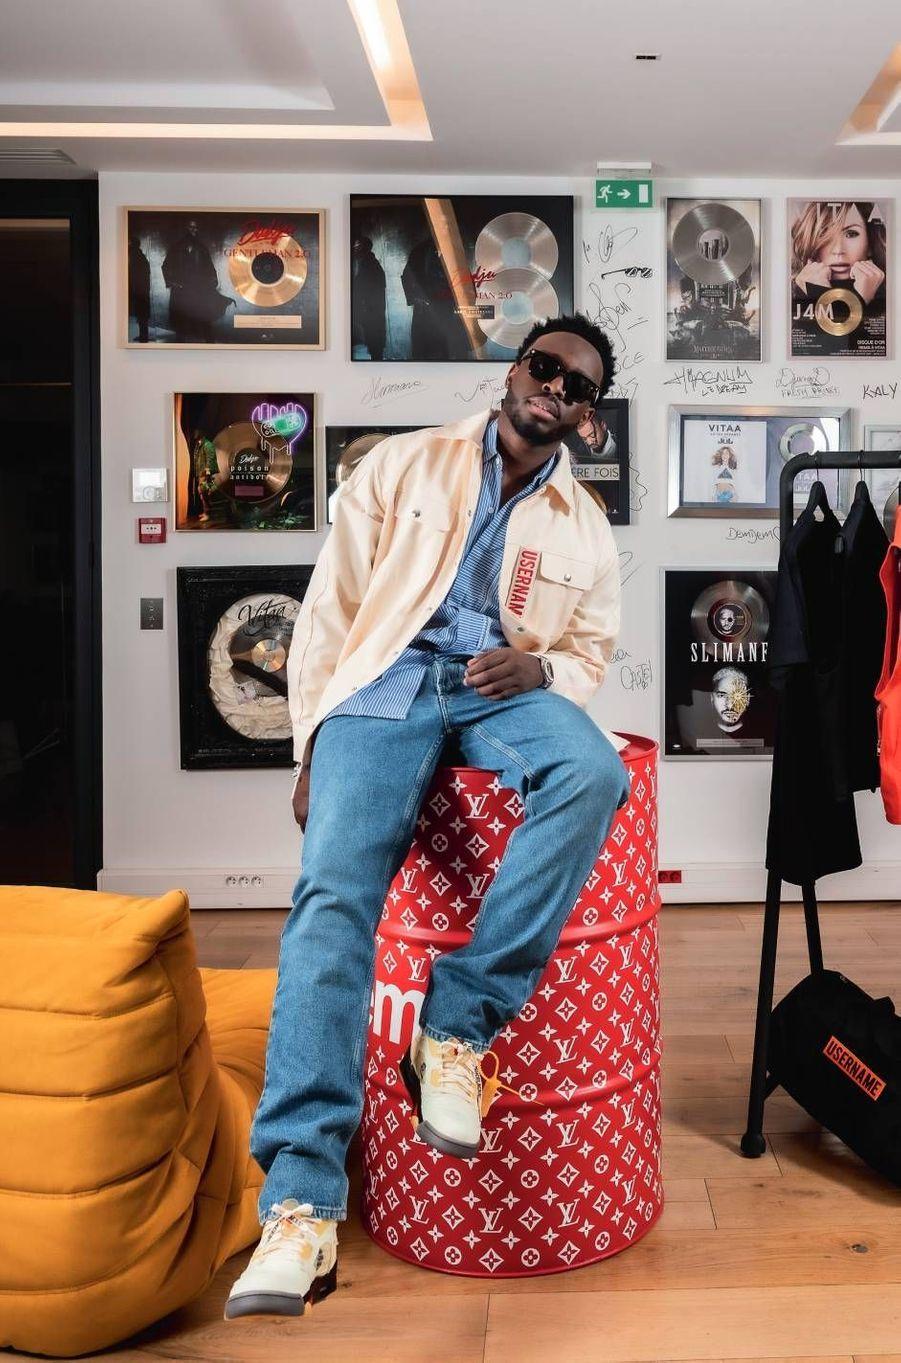 Le chanteur trône fièrement avec la veste et la chemise de sa collection sur le baril issu de la célèbre collaboration entre le label street Supreme et Louis Vuitton.